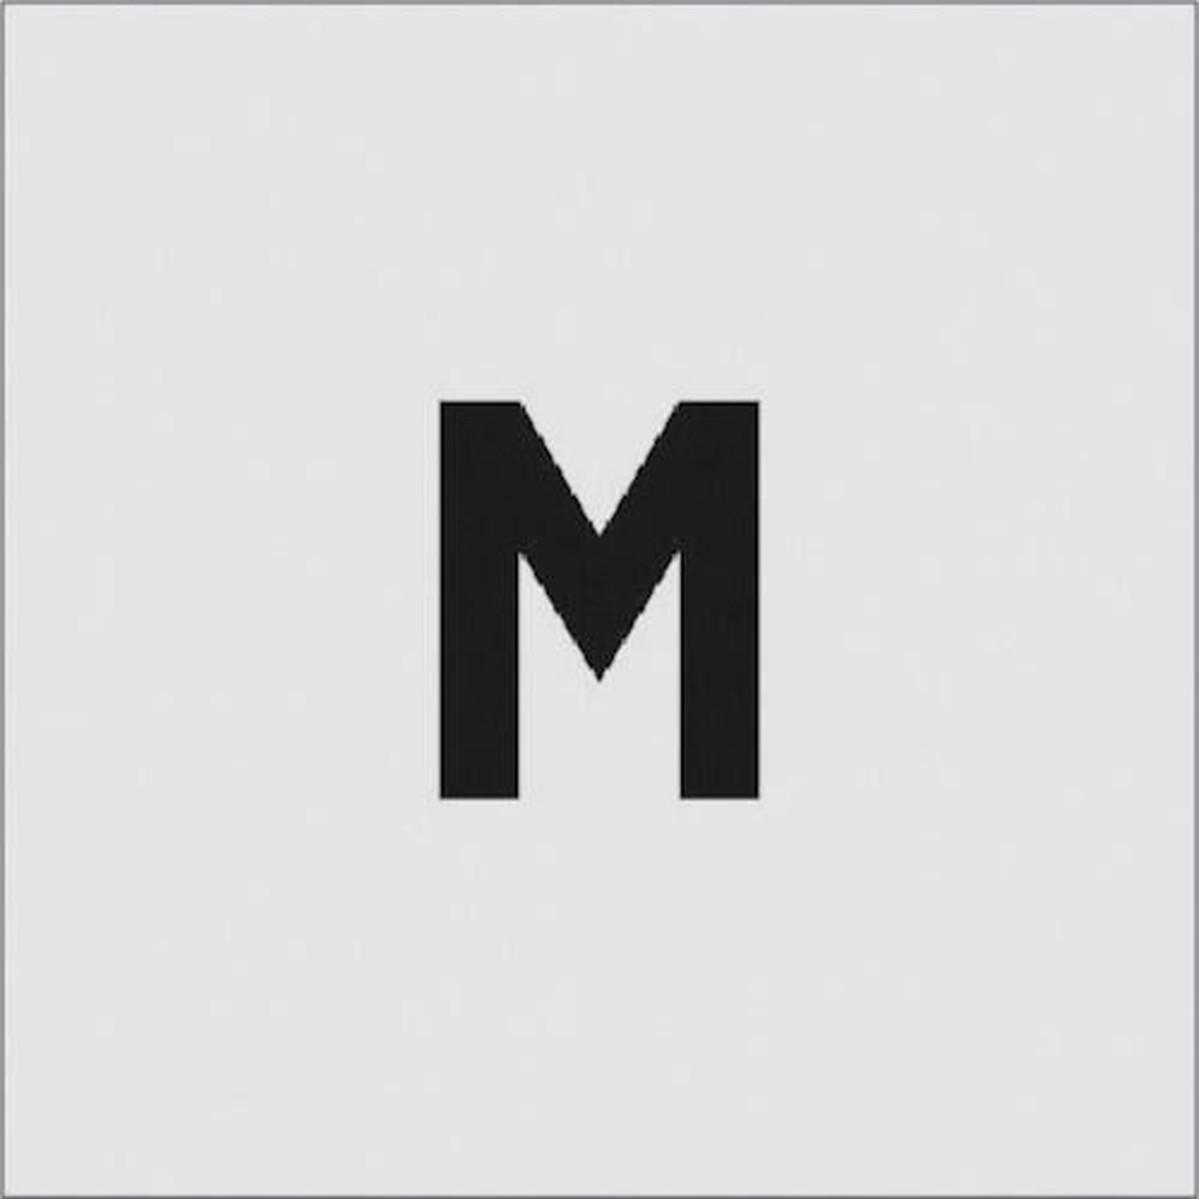 あす楽対応 DIY用品 IM 新作通販 ステンシル 1枚 文字サイズ50×40mm M 男女兼用